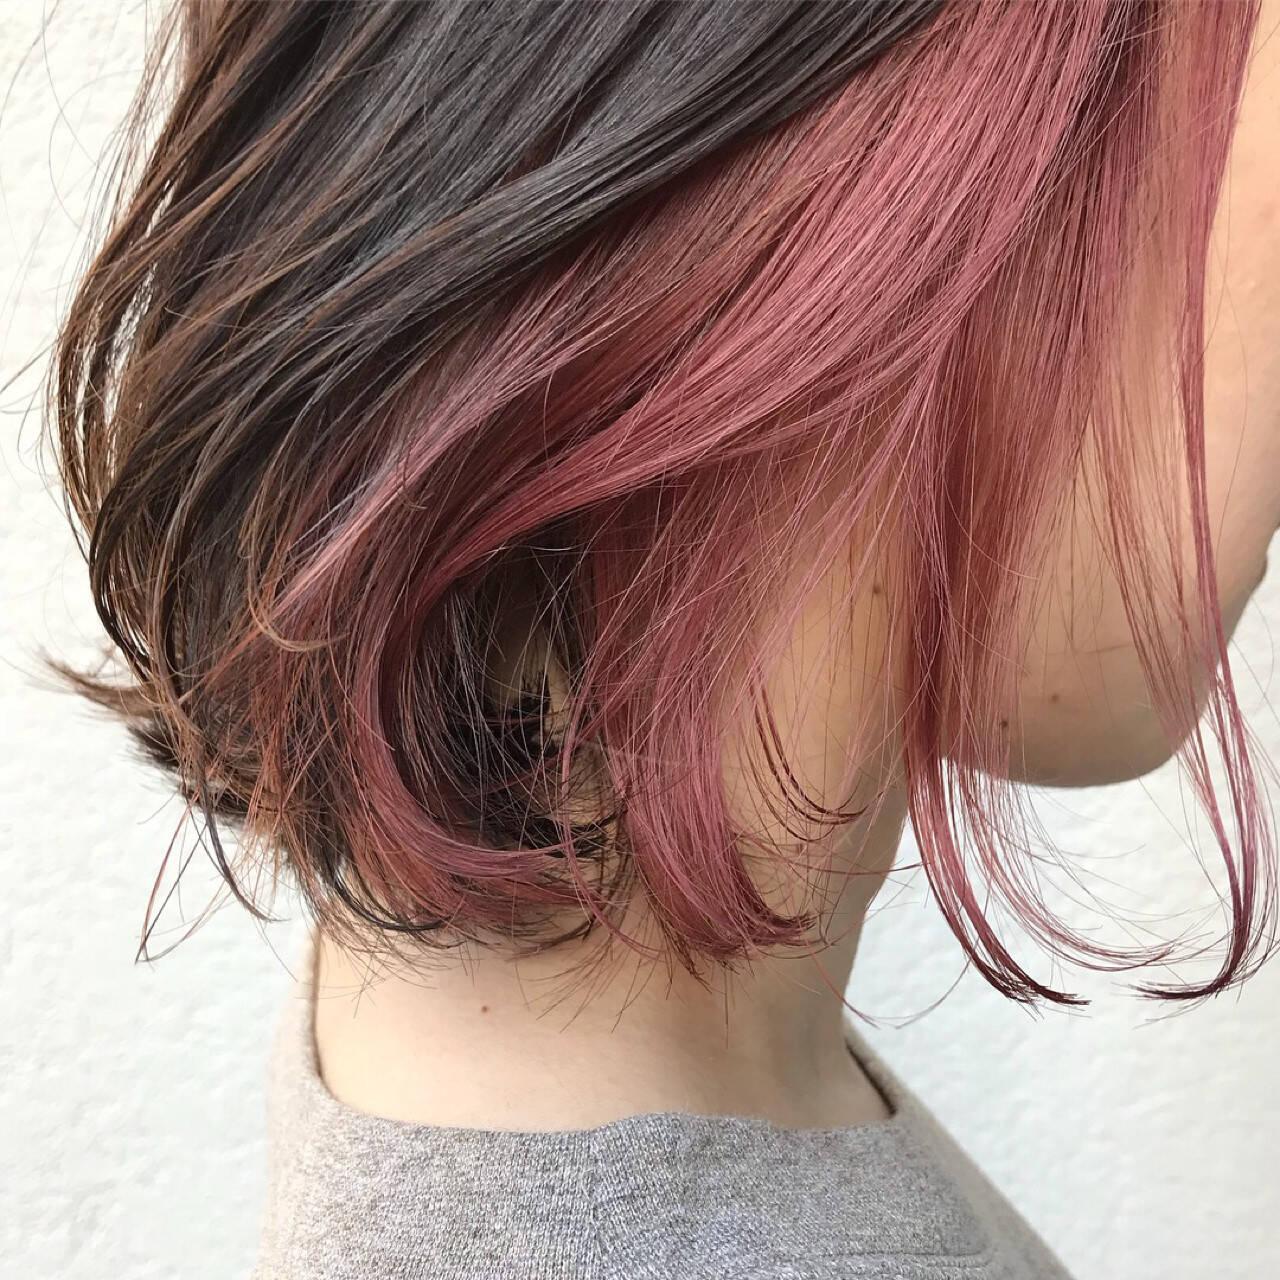 ダブルカラー ブリーチ アウトドア スポーツヘアスタイルや髪型の写真・画像